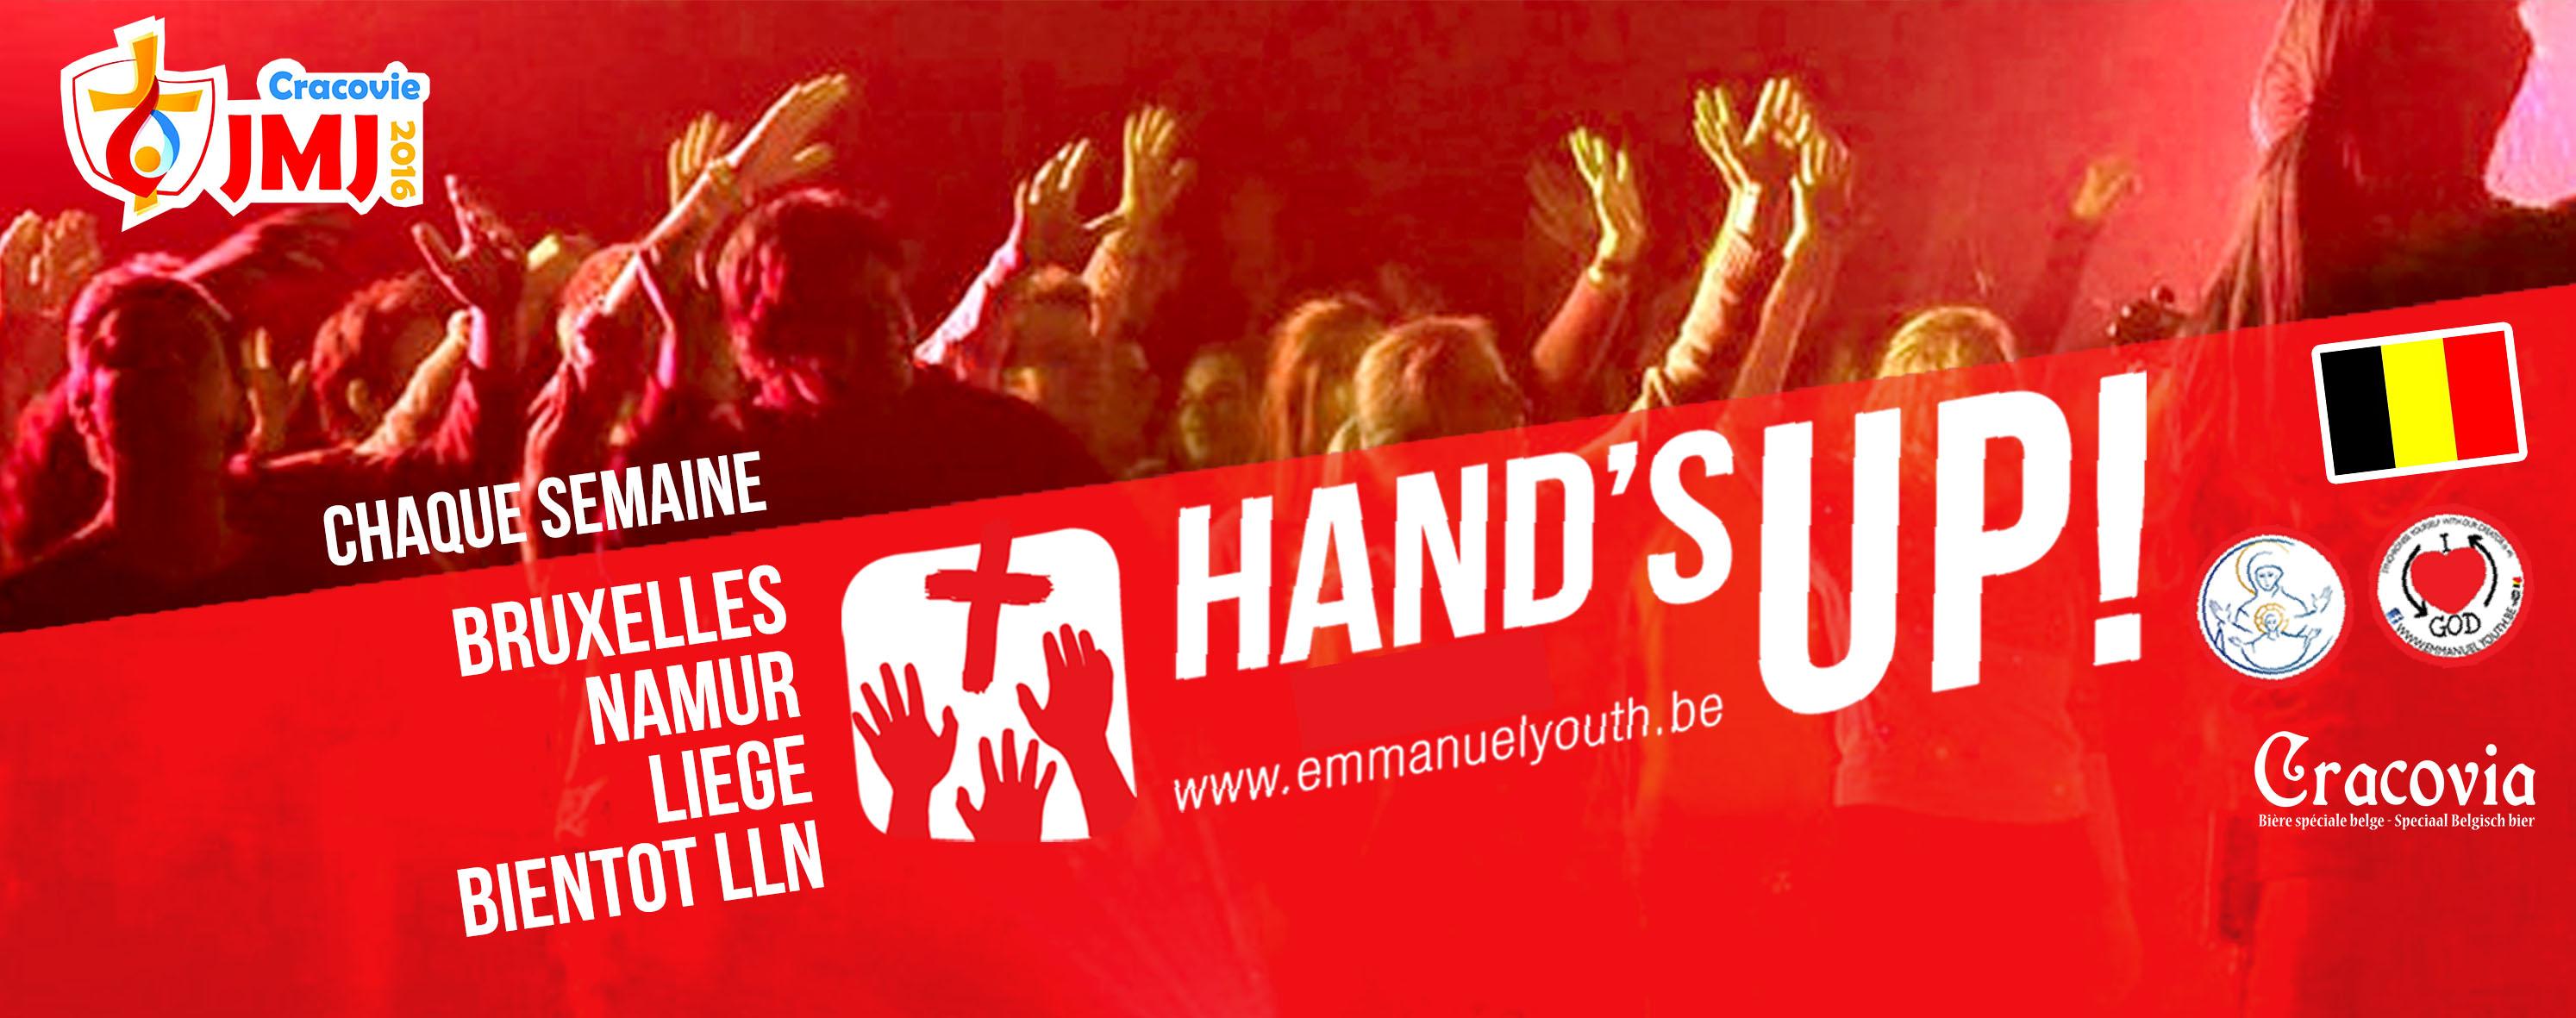 banner-handsup-Belgique-253x100